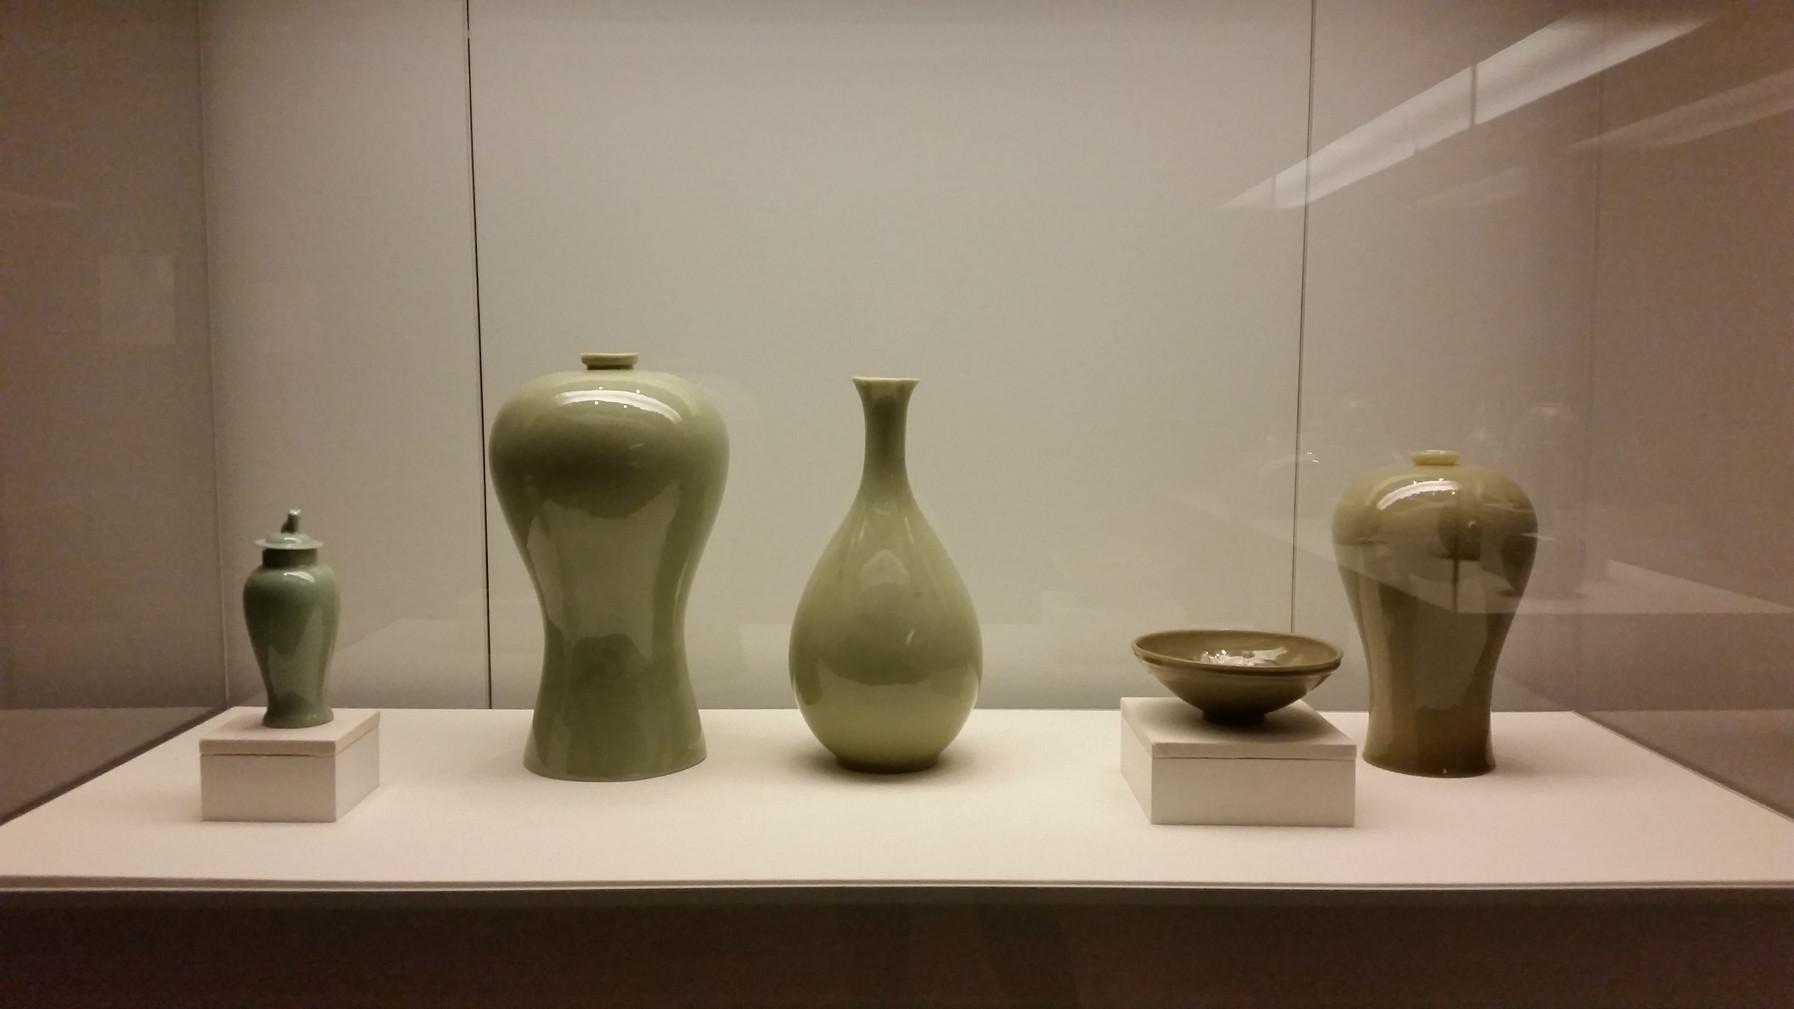 Installation view, Probebühne 7,Museen Dahlem